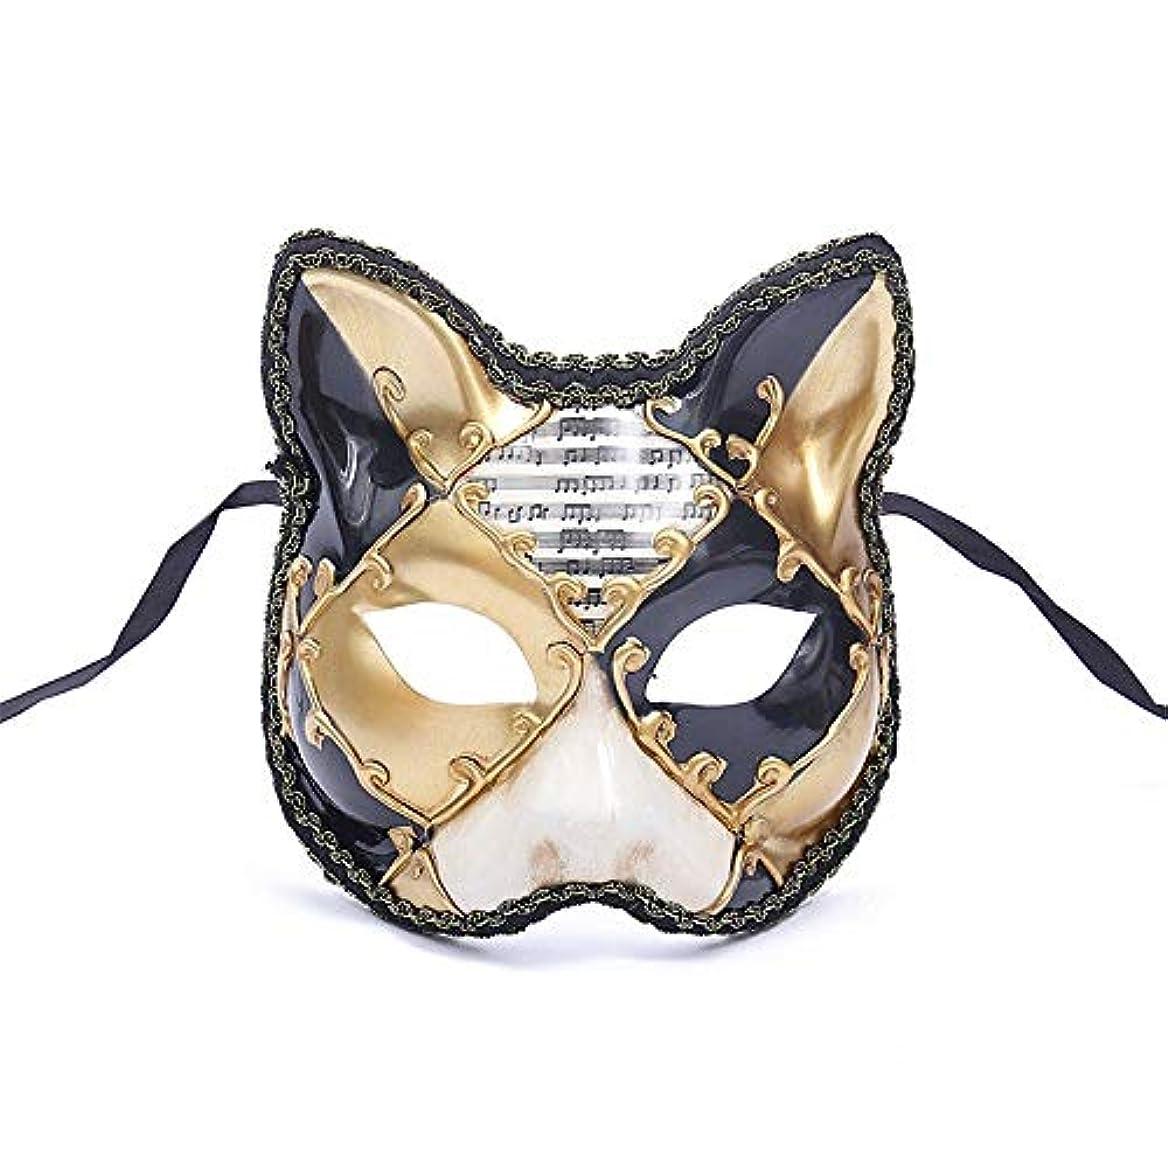 上向きトレイルせがむダンスマスク 大きな猫アンティーク動物レトロコスプレハロウィーン仮装マスクナイトクラブマスク雰囲気フェスティバルマスク ホリデーパーティー用品 (色 : 黄, サイズ : 17.5x16cm)